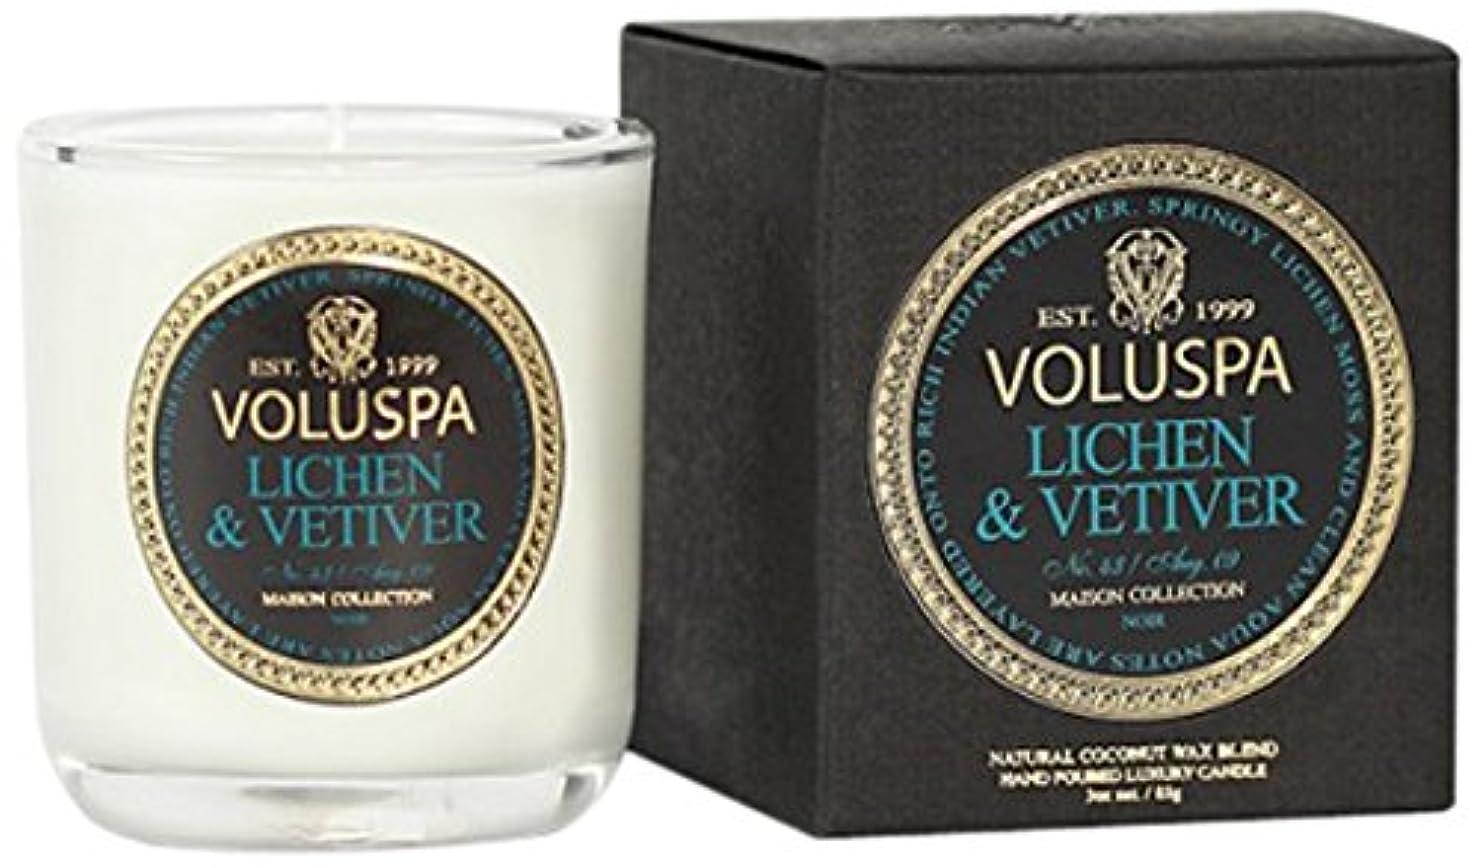 活性化するピースモーテルVoluspa ボルスパ メゾンノワール ミニグラスキャンドル ライケン&ベチバー MAISON NOIR Mini Glass Candle LICHEN & VETIVER